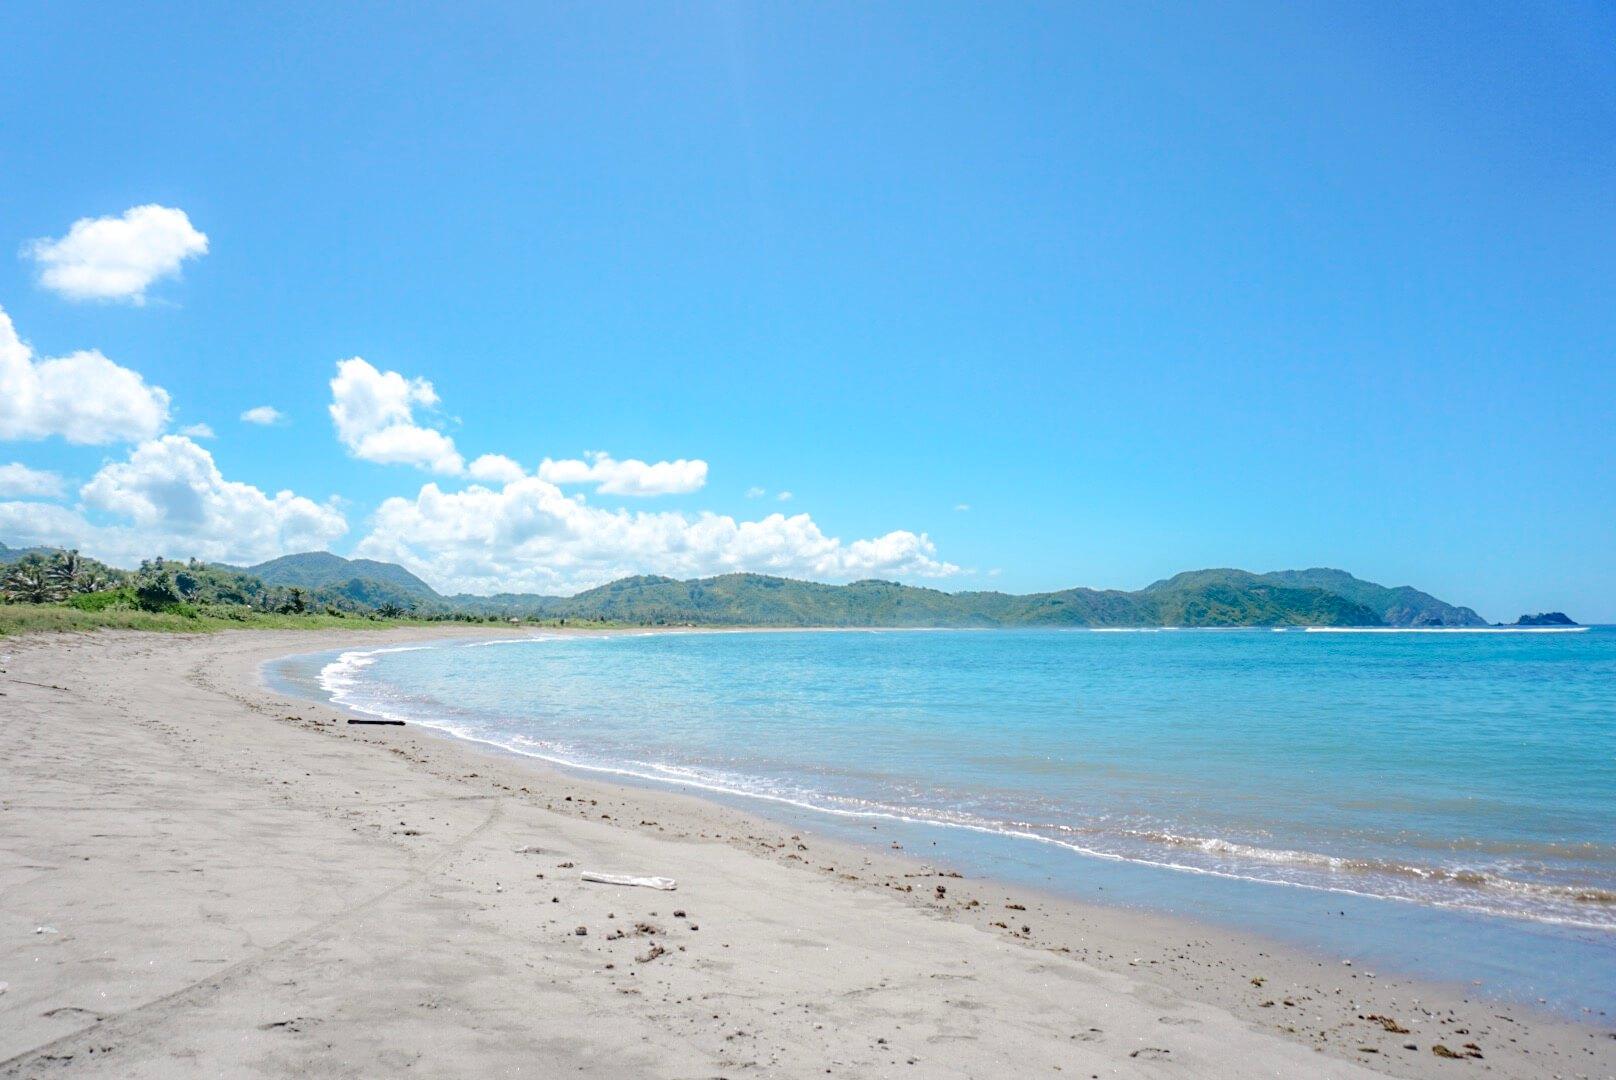 trouver une plage tranquille lombok kuta